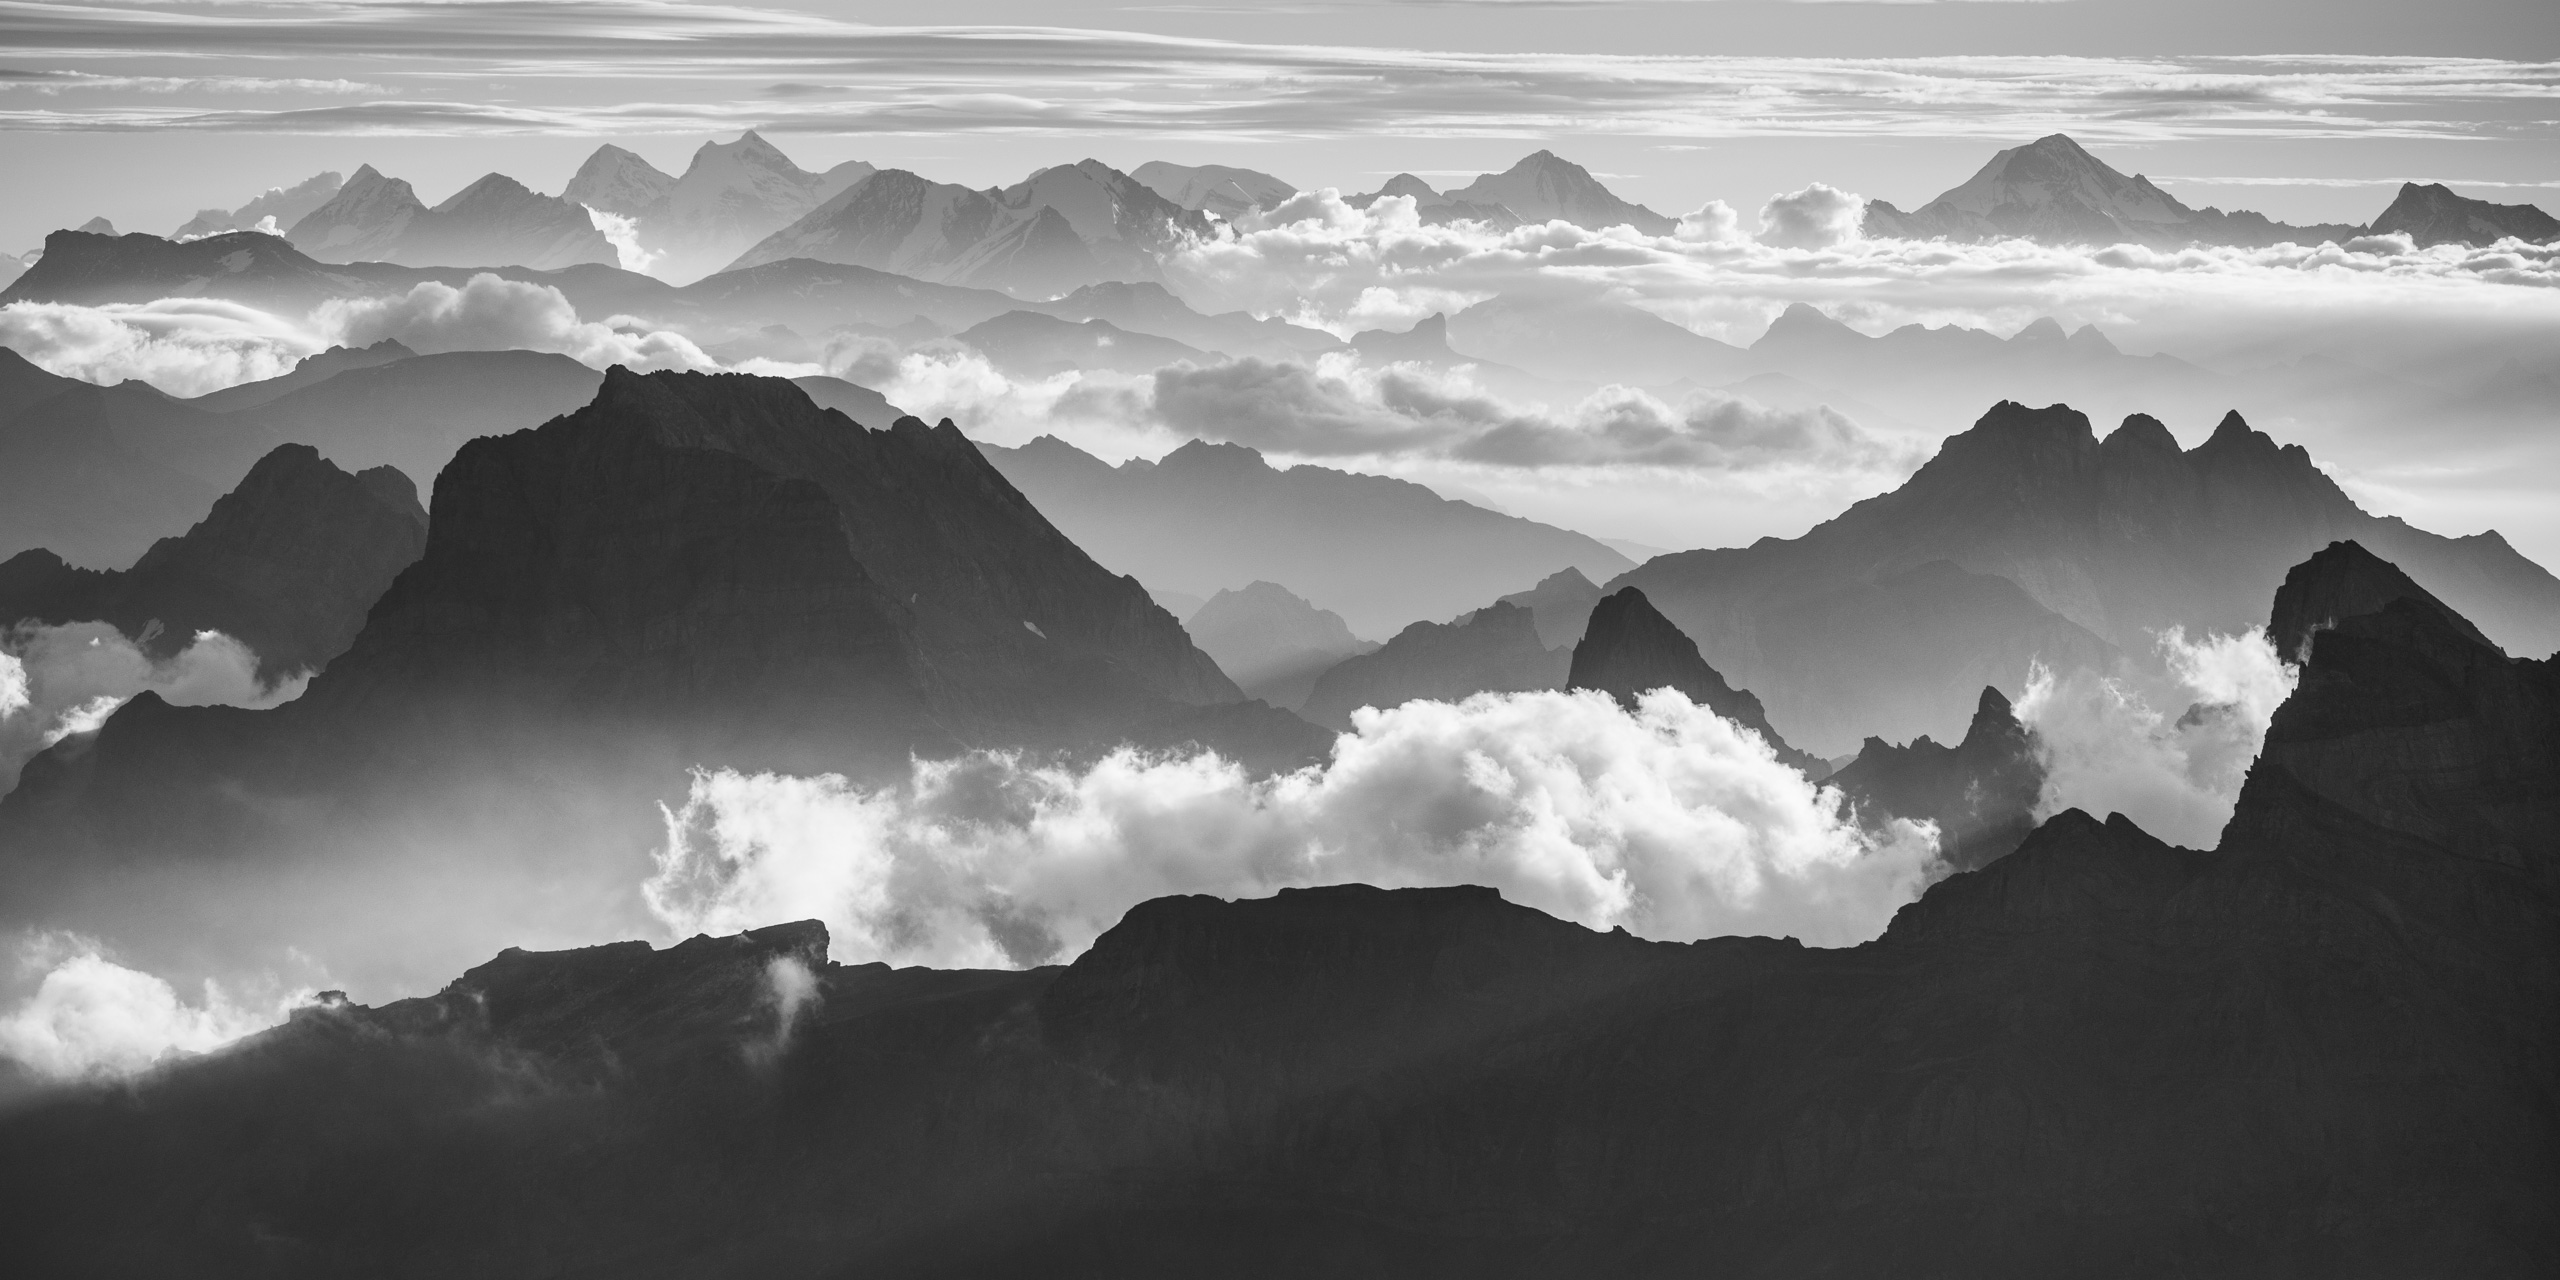 Panorama noir et blanc des Alpes Bernoises en Suisse - Vue des sommets de montagne des Alpes Bernoises et Vaudoise au dessus d'une mer de nuage